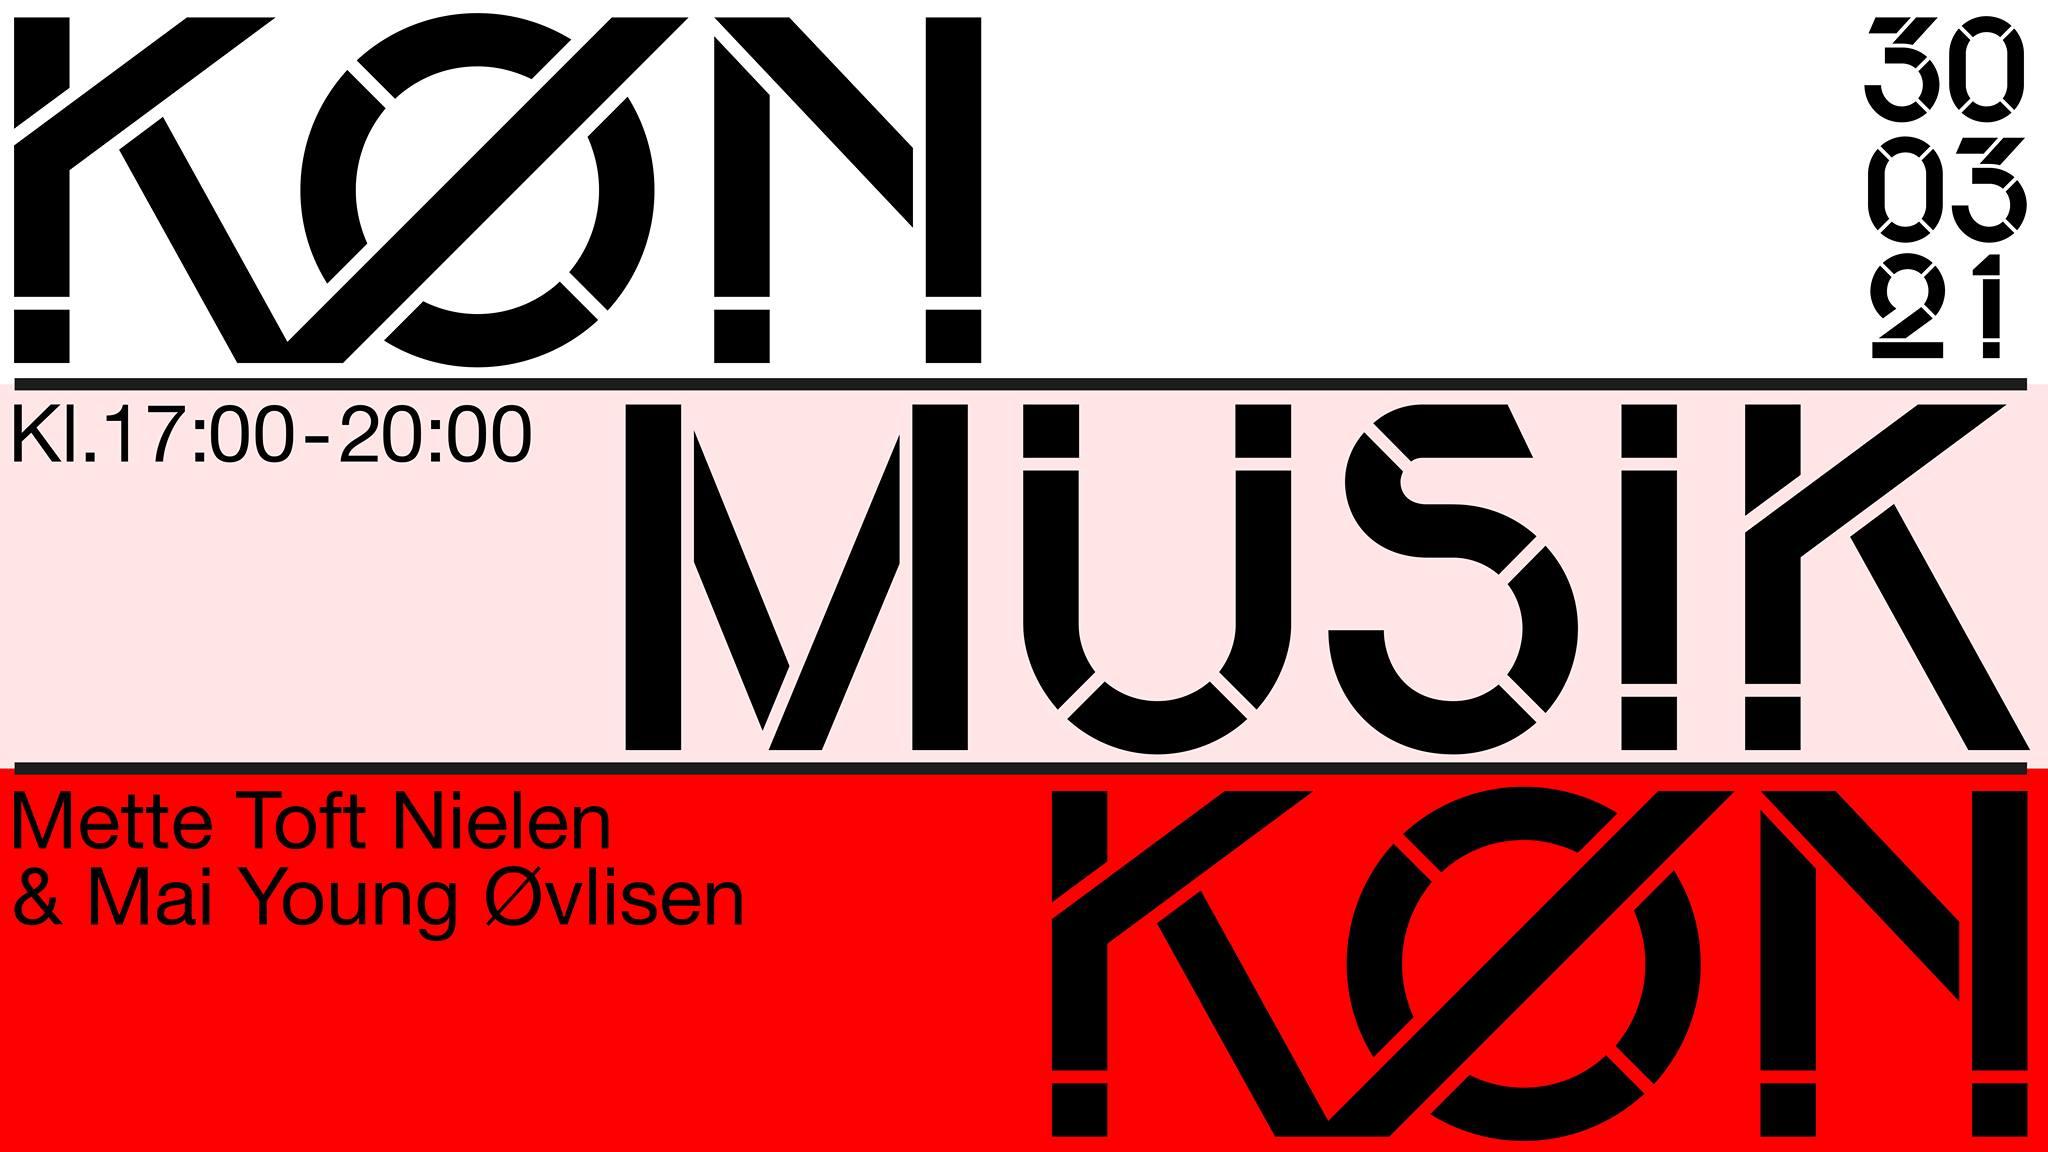 KØN MUSIK #3